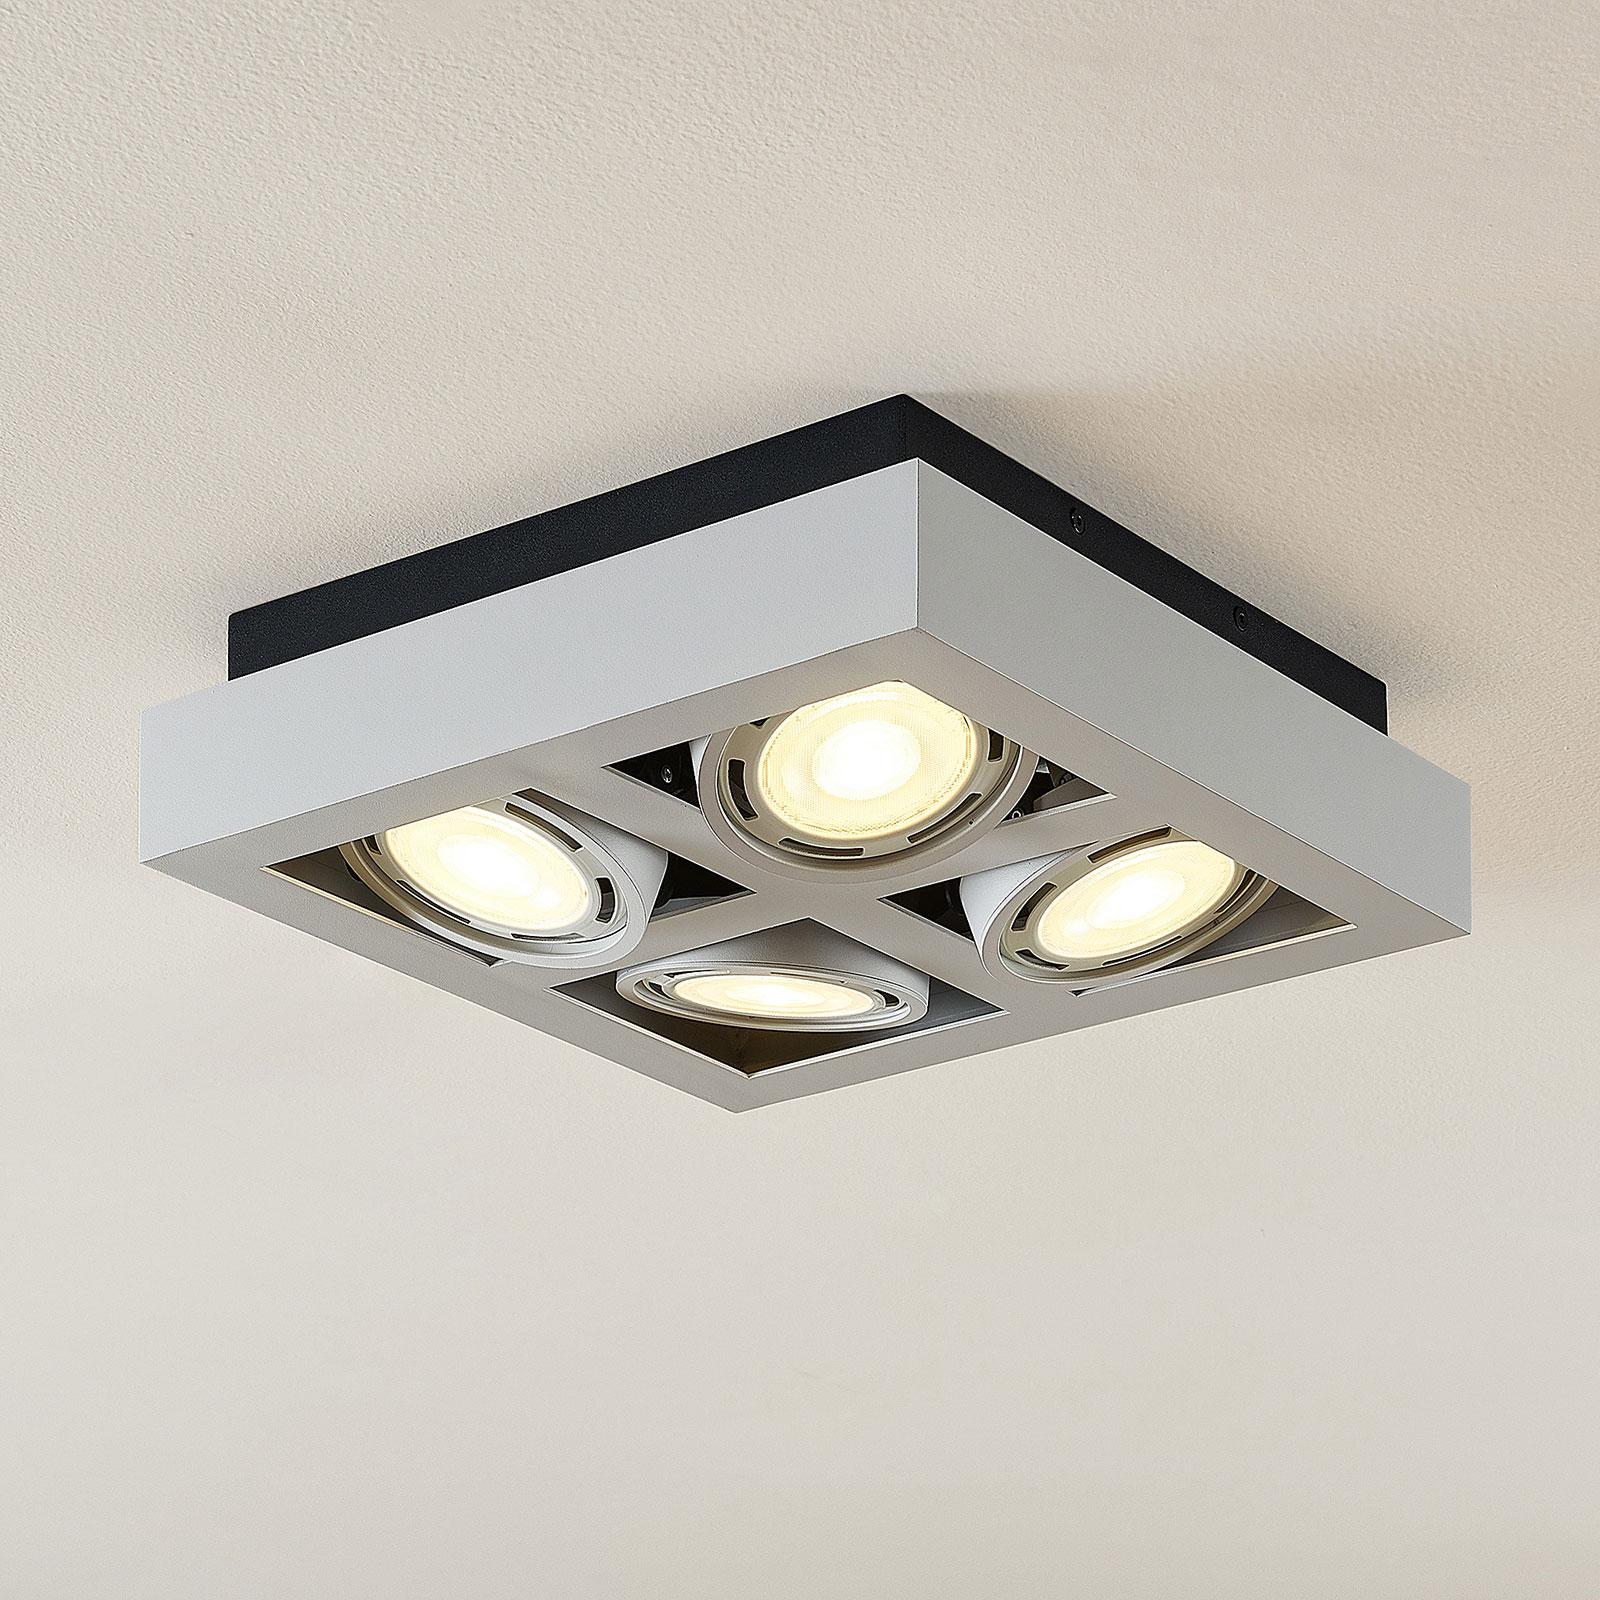 LED-kattokohdevalo Ronka, 4-lampp. neliö valkoinen